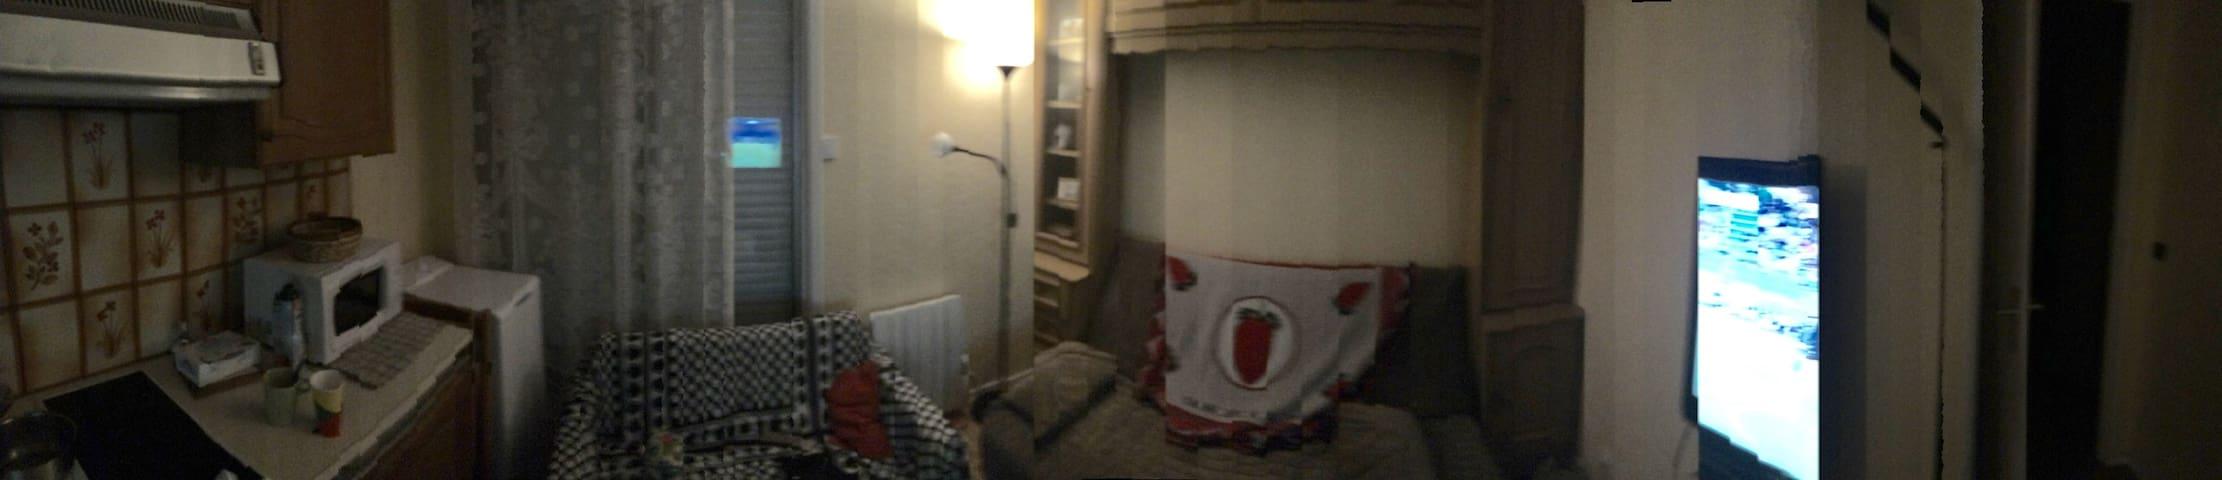 trés beau studio centre de verriere - Verrières-le-Buisson - Apartment